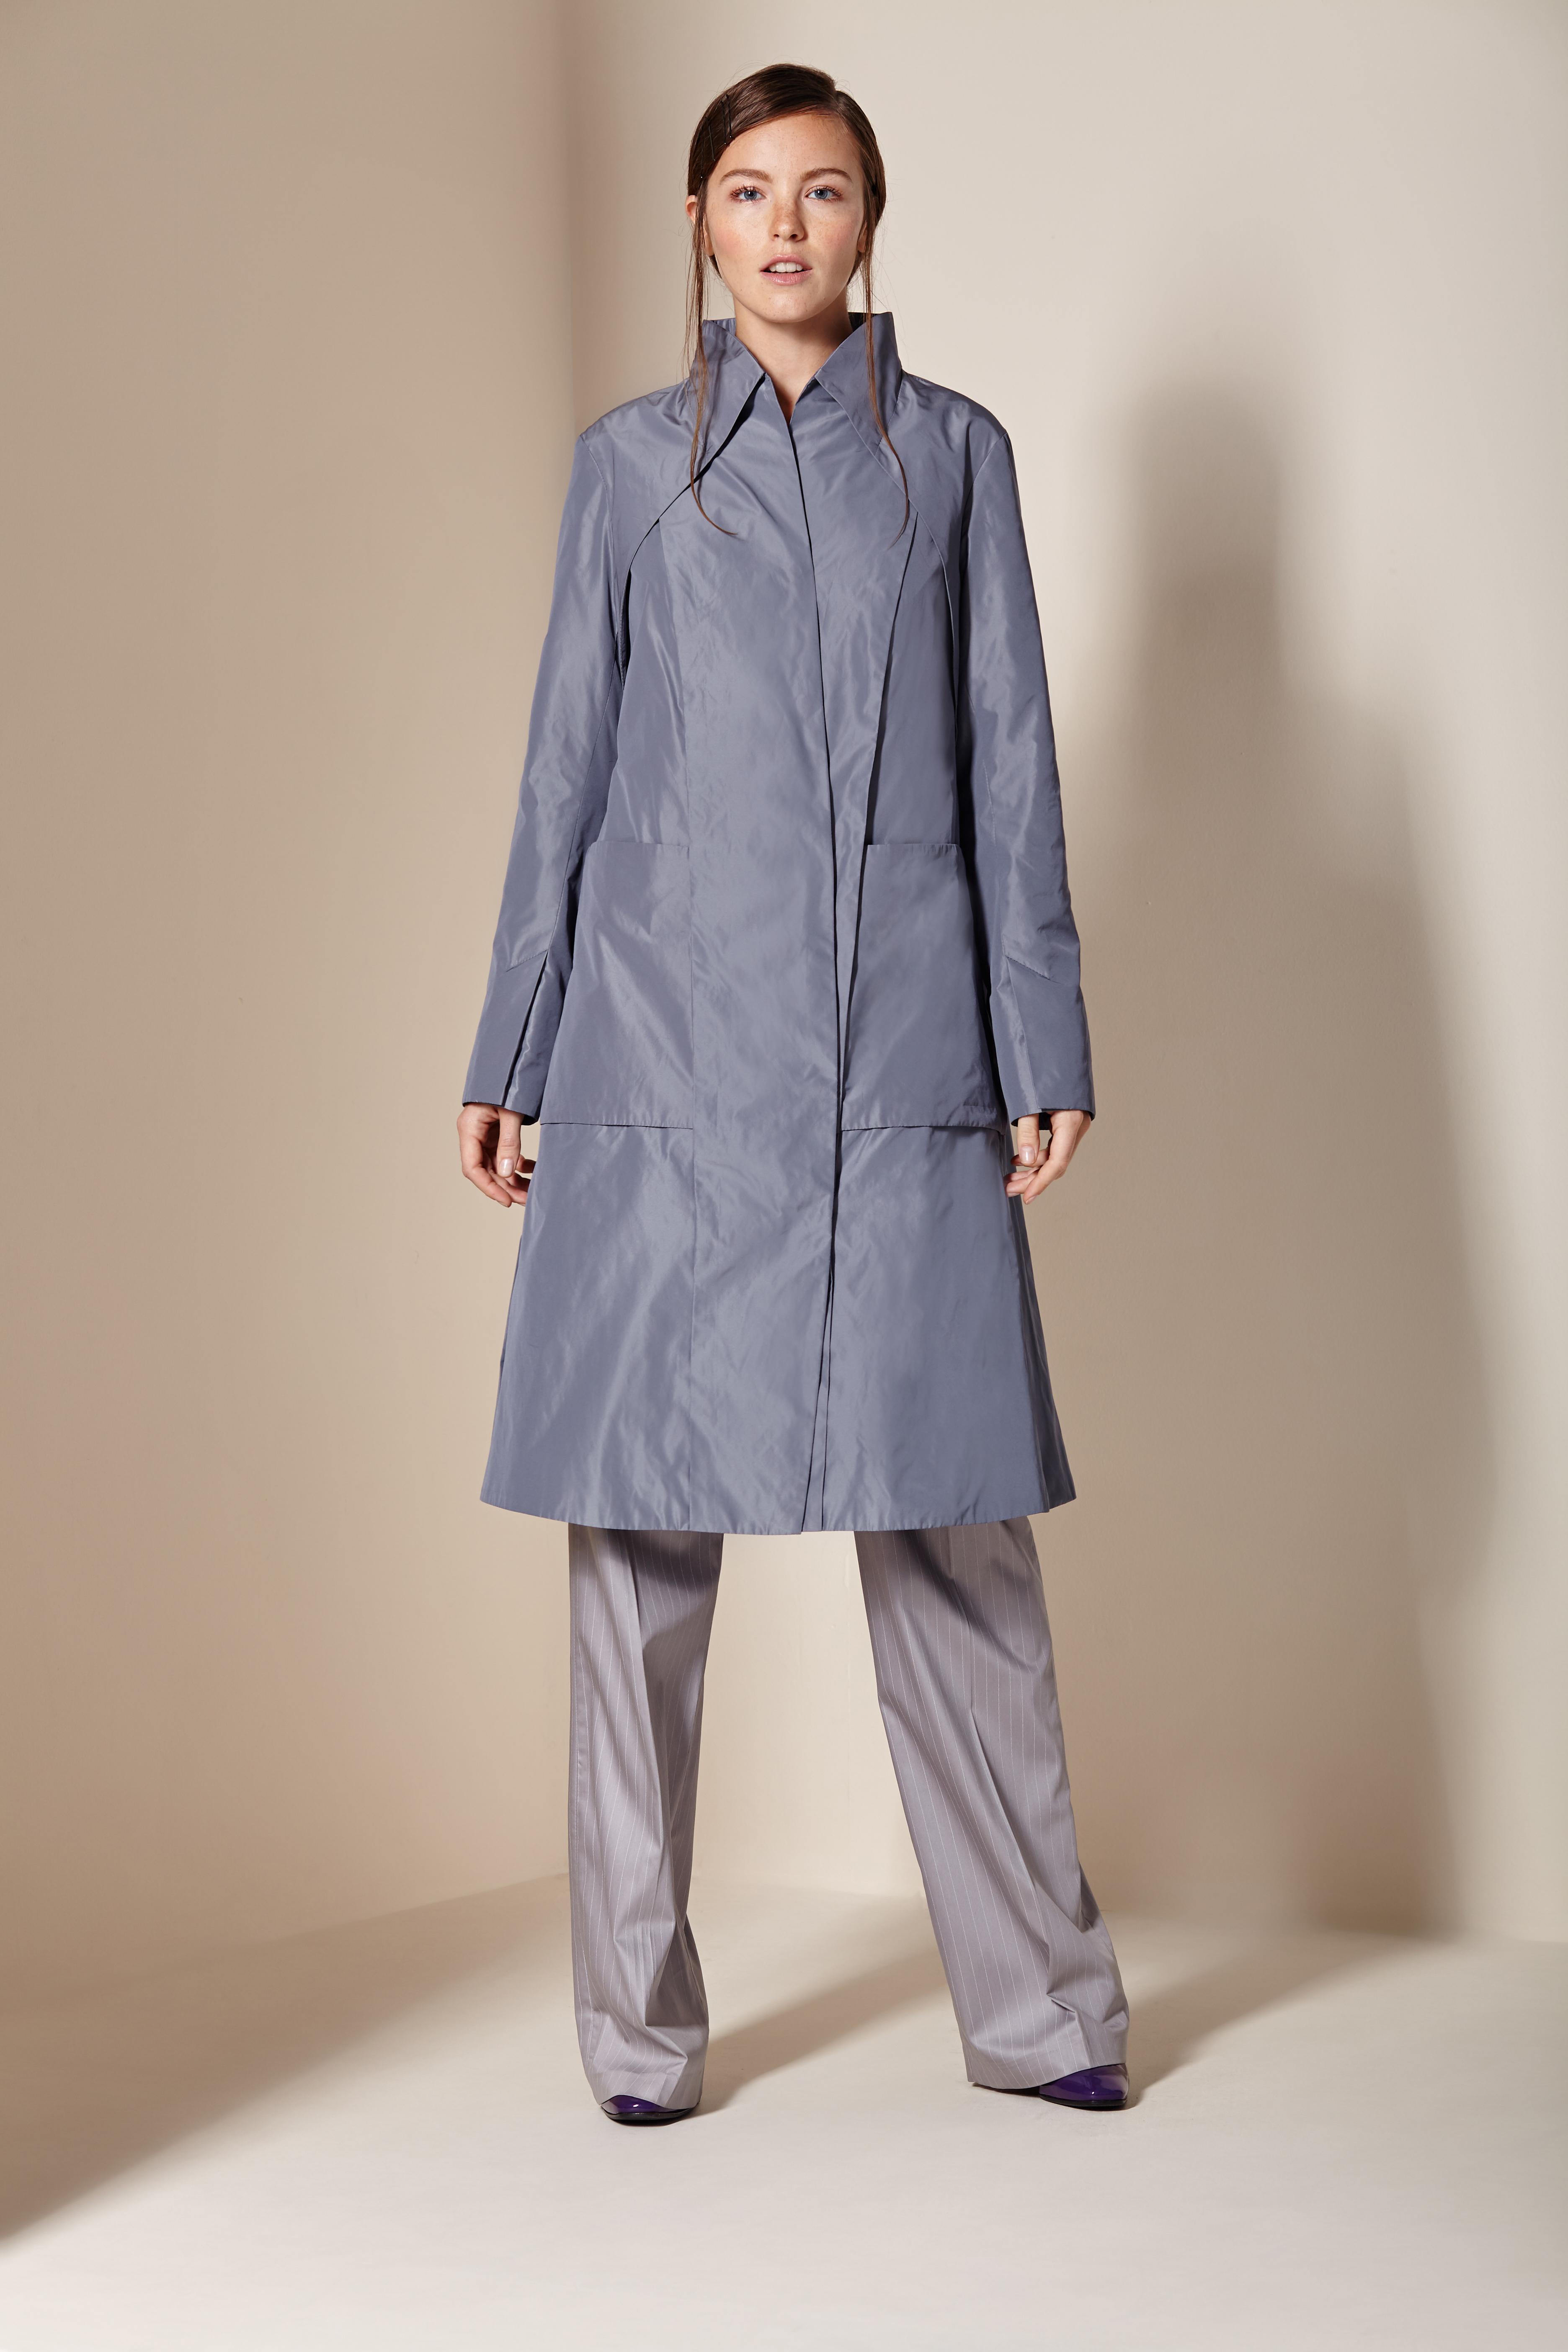 Пальто женское из текстиля с воротником, без отделки<br><br>Воротник: стойка<br>Длина см: Длинная (свыше 90)<br>Материал: Текстиль<br>Цвет: серый<br>Вид застежки: косая<br>Застежка: на кнопки<br>Пол: Женский<br>Размер RU: 52